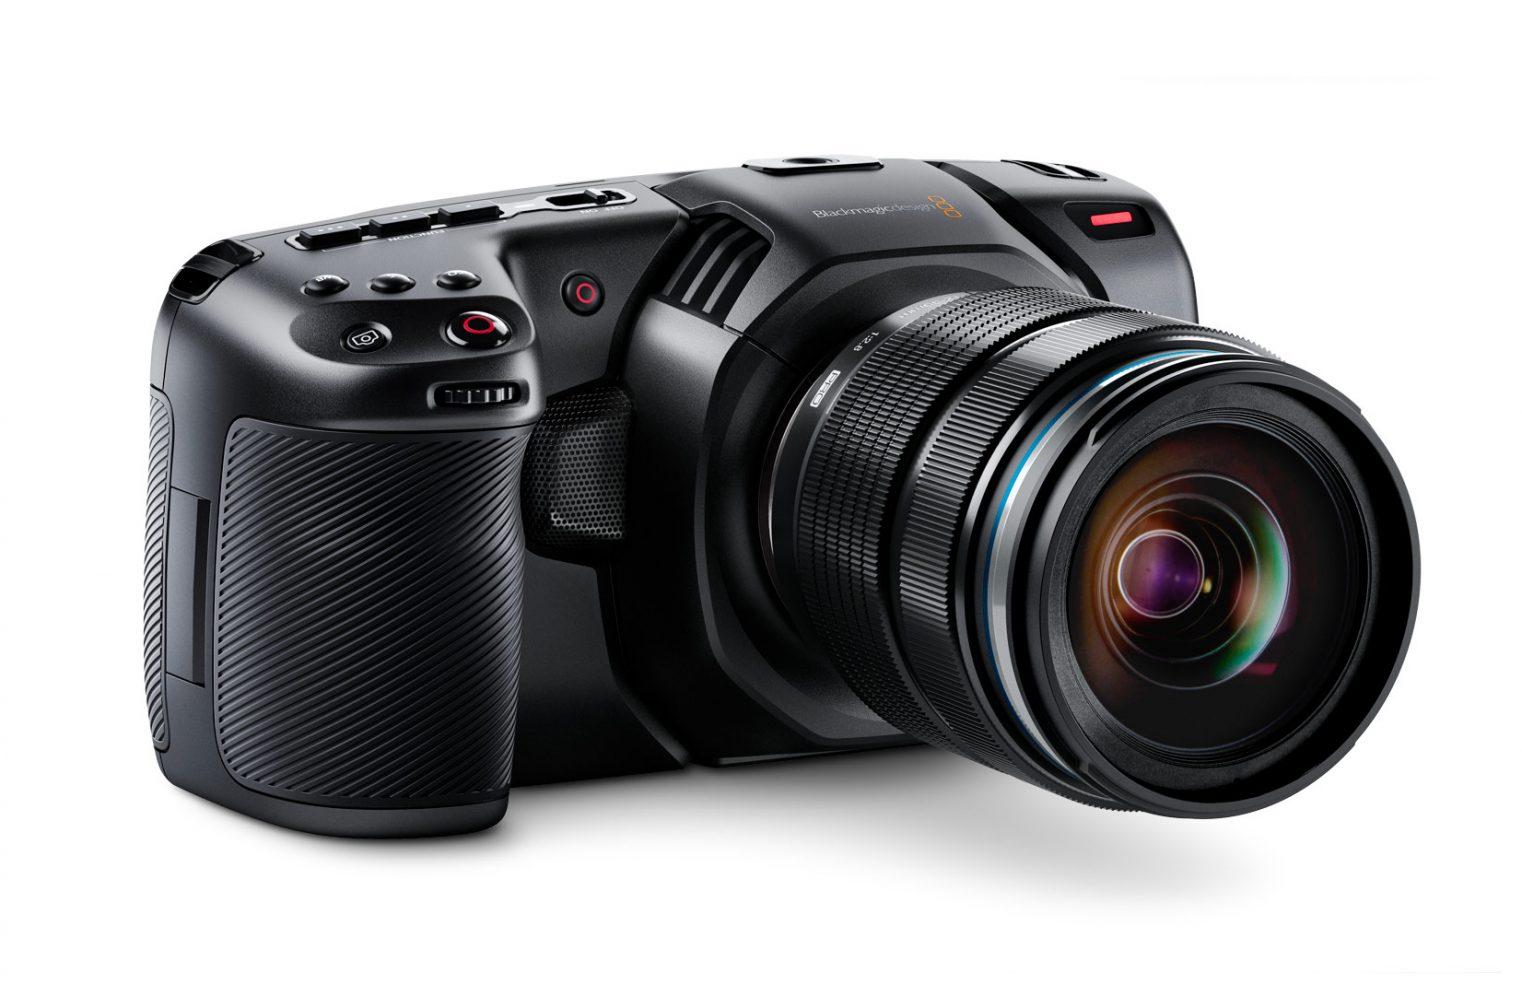 新機材「Blackmagic Pocket Cinema Camera 4K」(通称:BMPCC4K)の導入レビュー